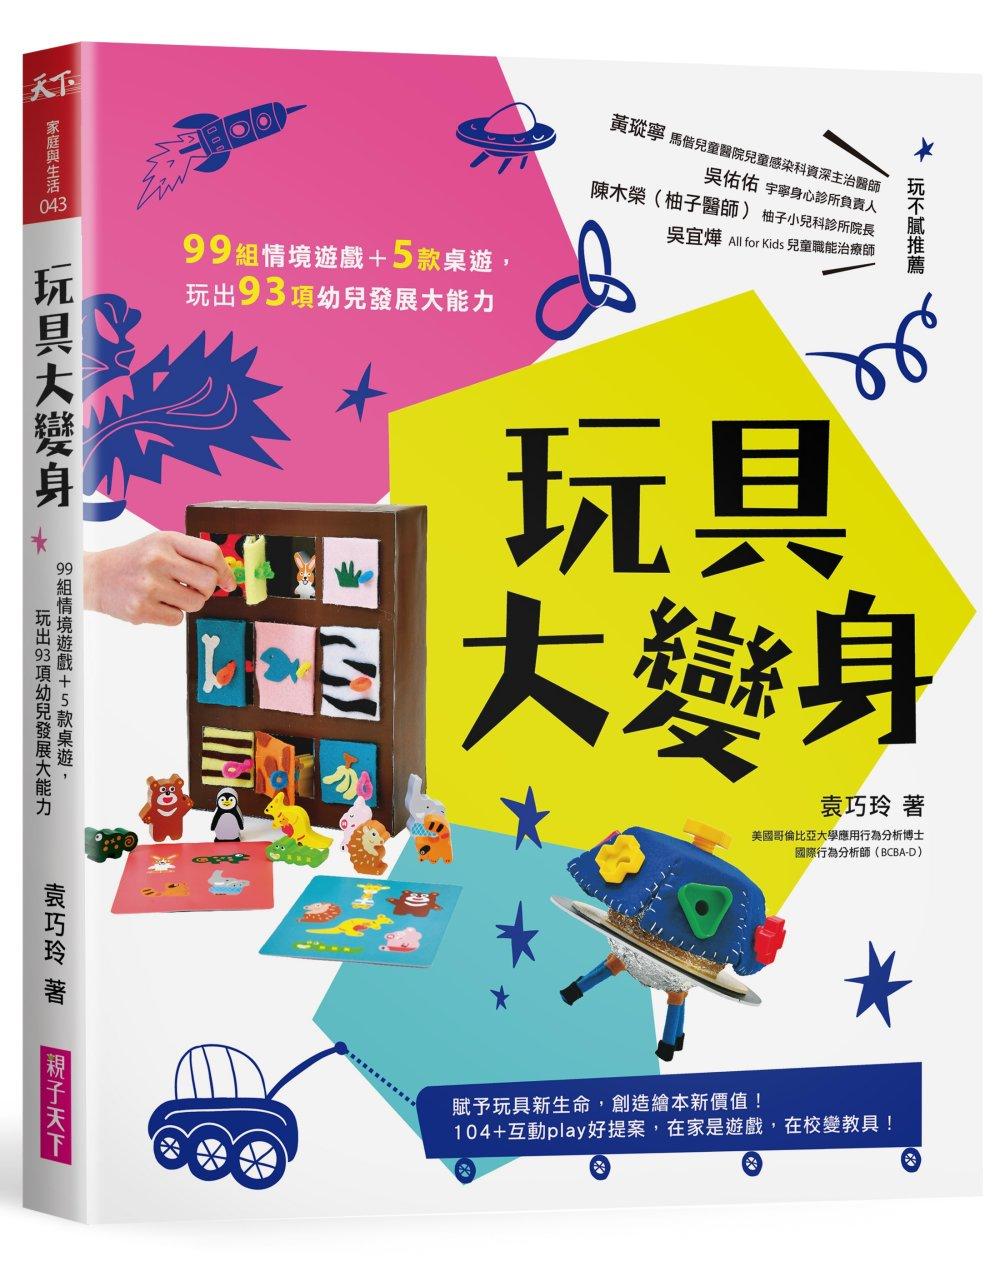 ◤博客來BOOKS◢ 暢銷書榜《推薦》玩具大變身:99組情境遊戲+5款桌遊,玩出93項幼兒發展大能力